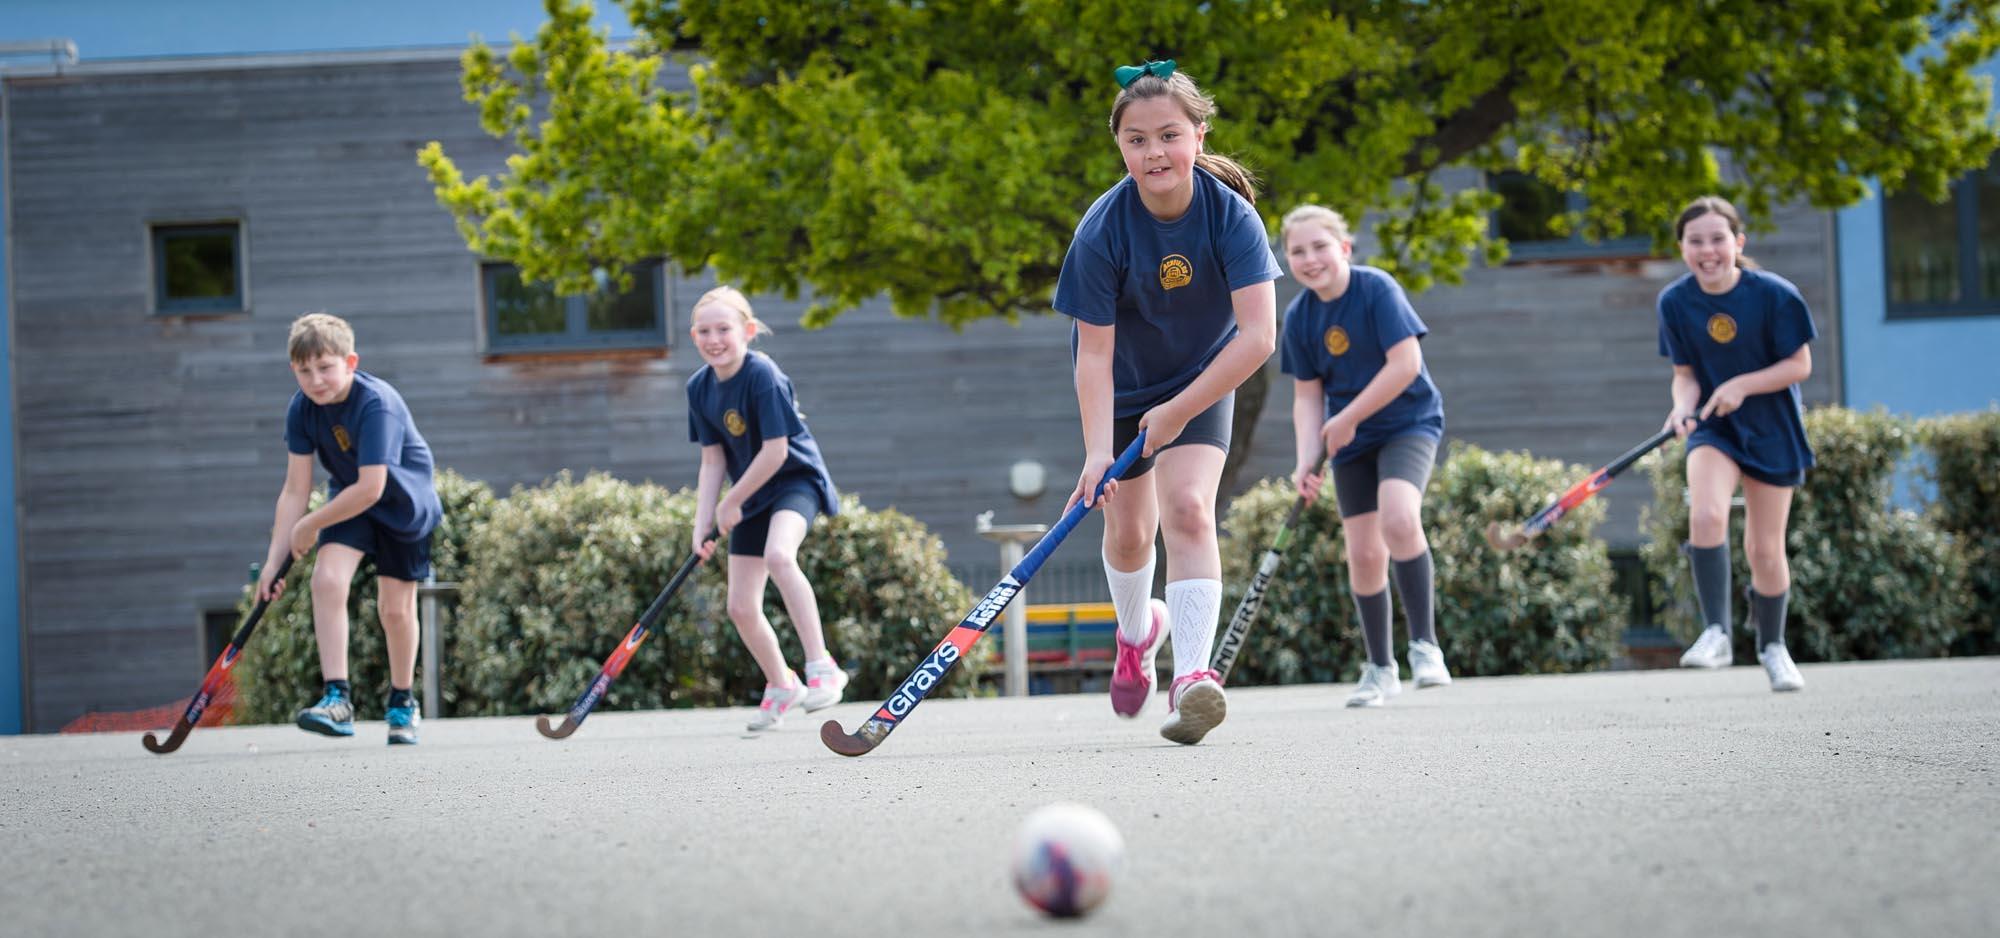 children-playing-hockey-1